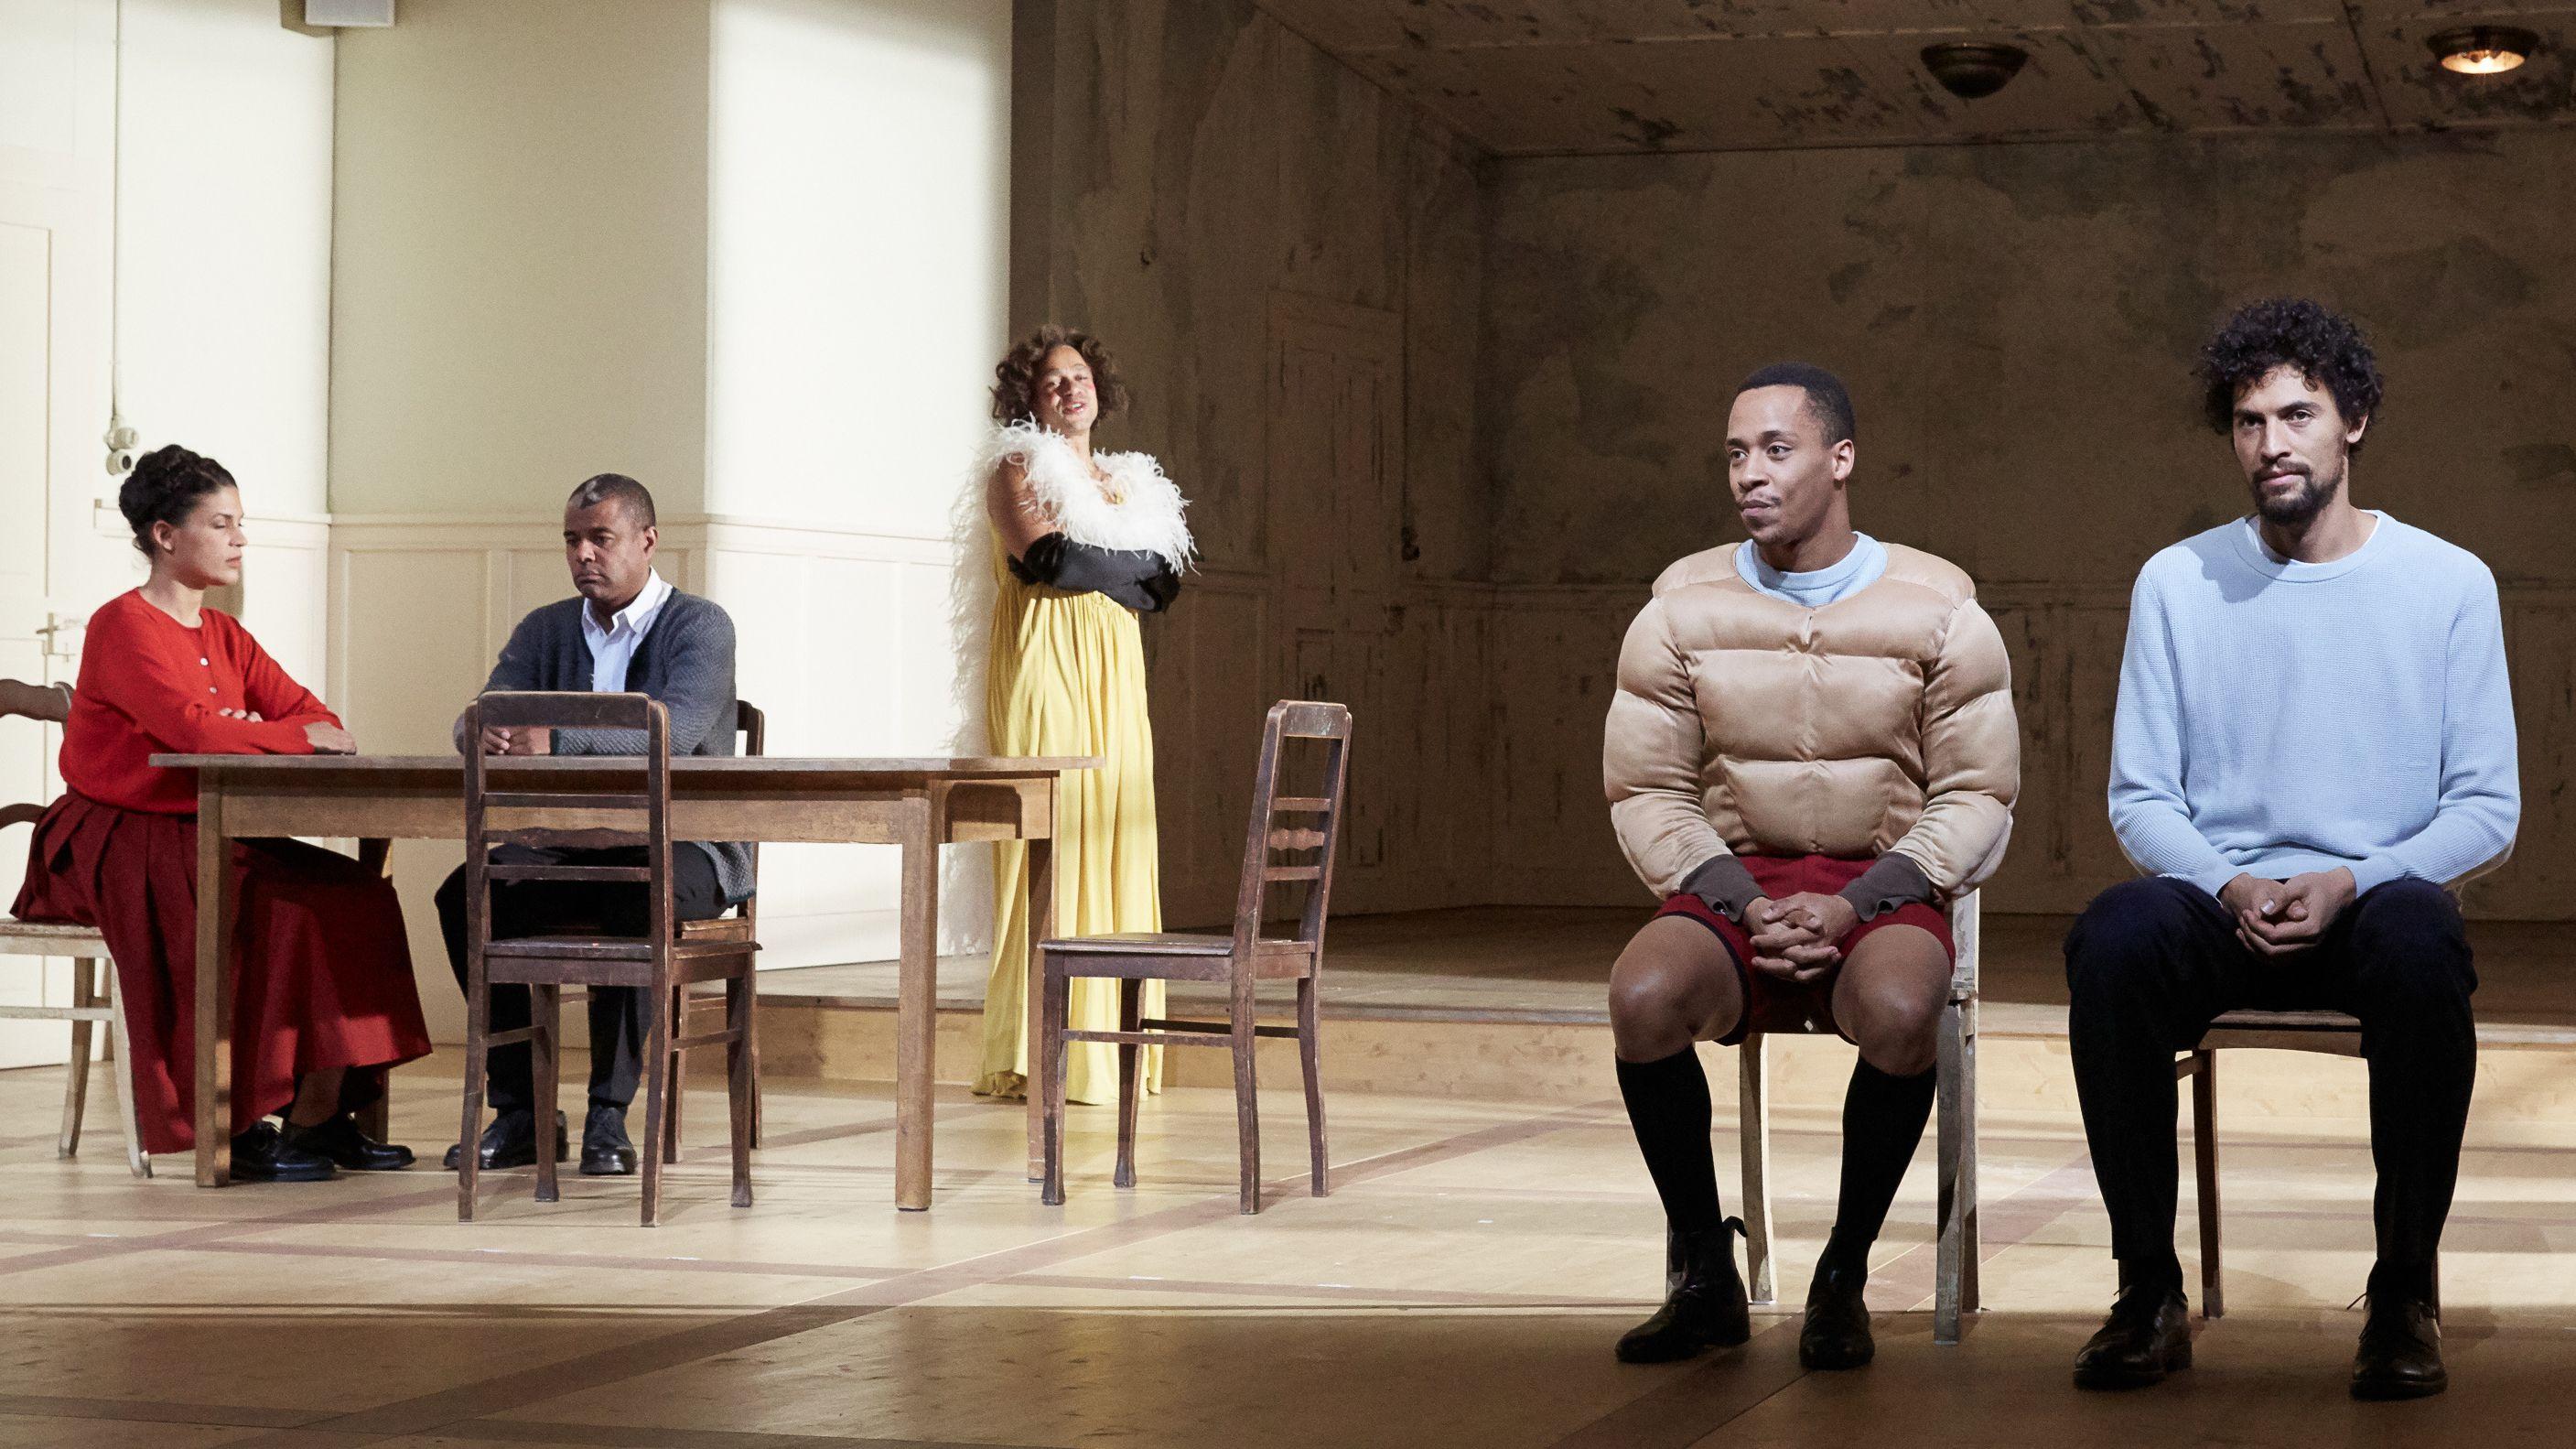 Bühnenszene: Zwei schwarze Schauspieler sitzen auf Stühlen und blicken resigniert ins leere, im Hintergrund sind drei weitere Schauspieler*innen zu sehen